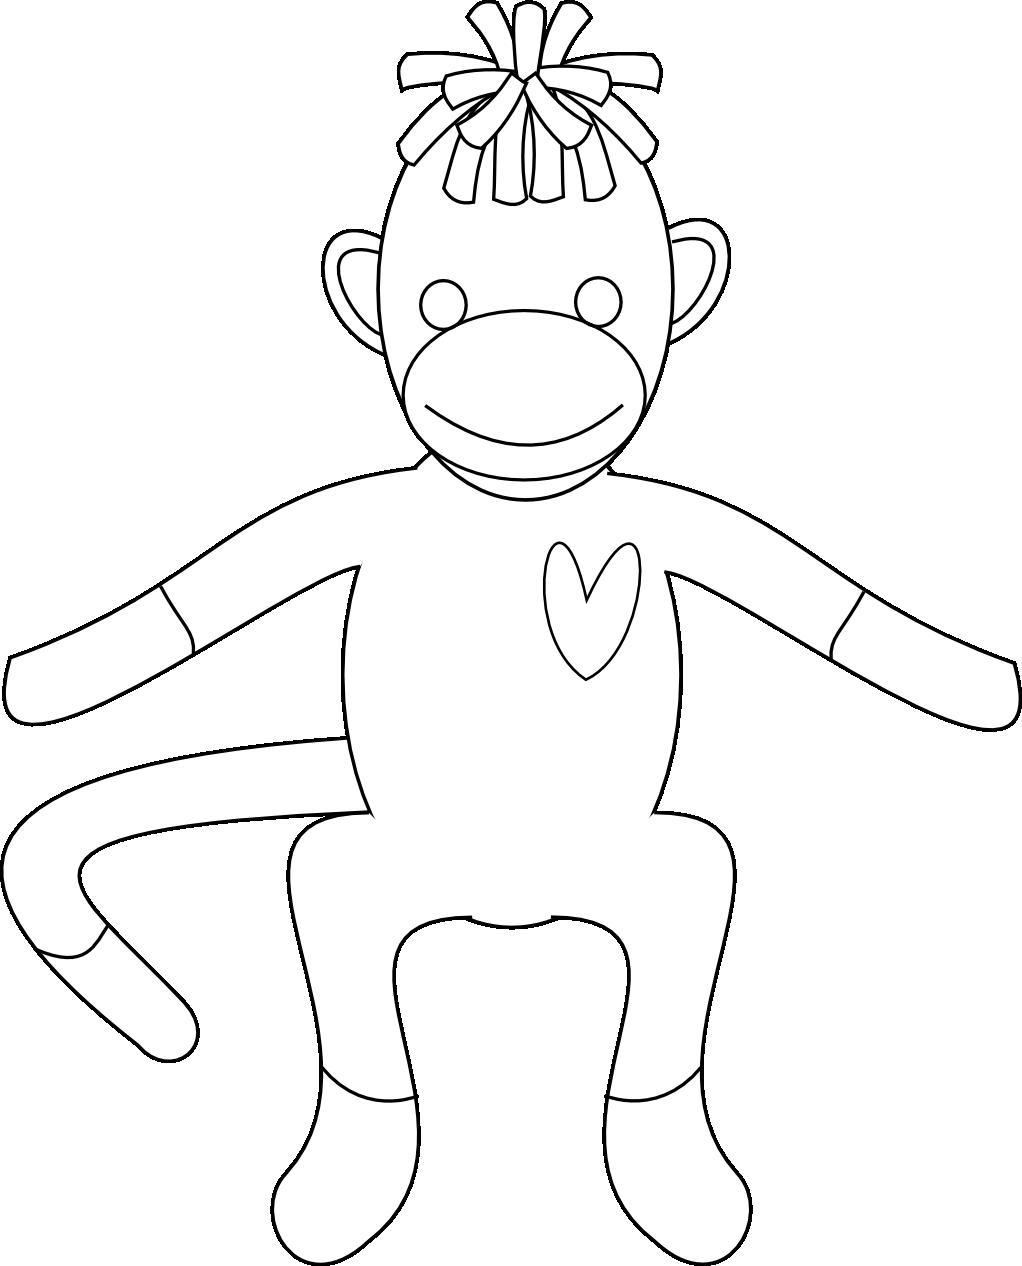 1022x1266 plh4zbq75butyqussdr piaaaaaaaaasa - Monkey Pictures To Color